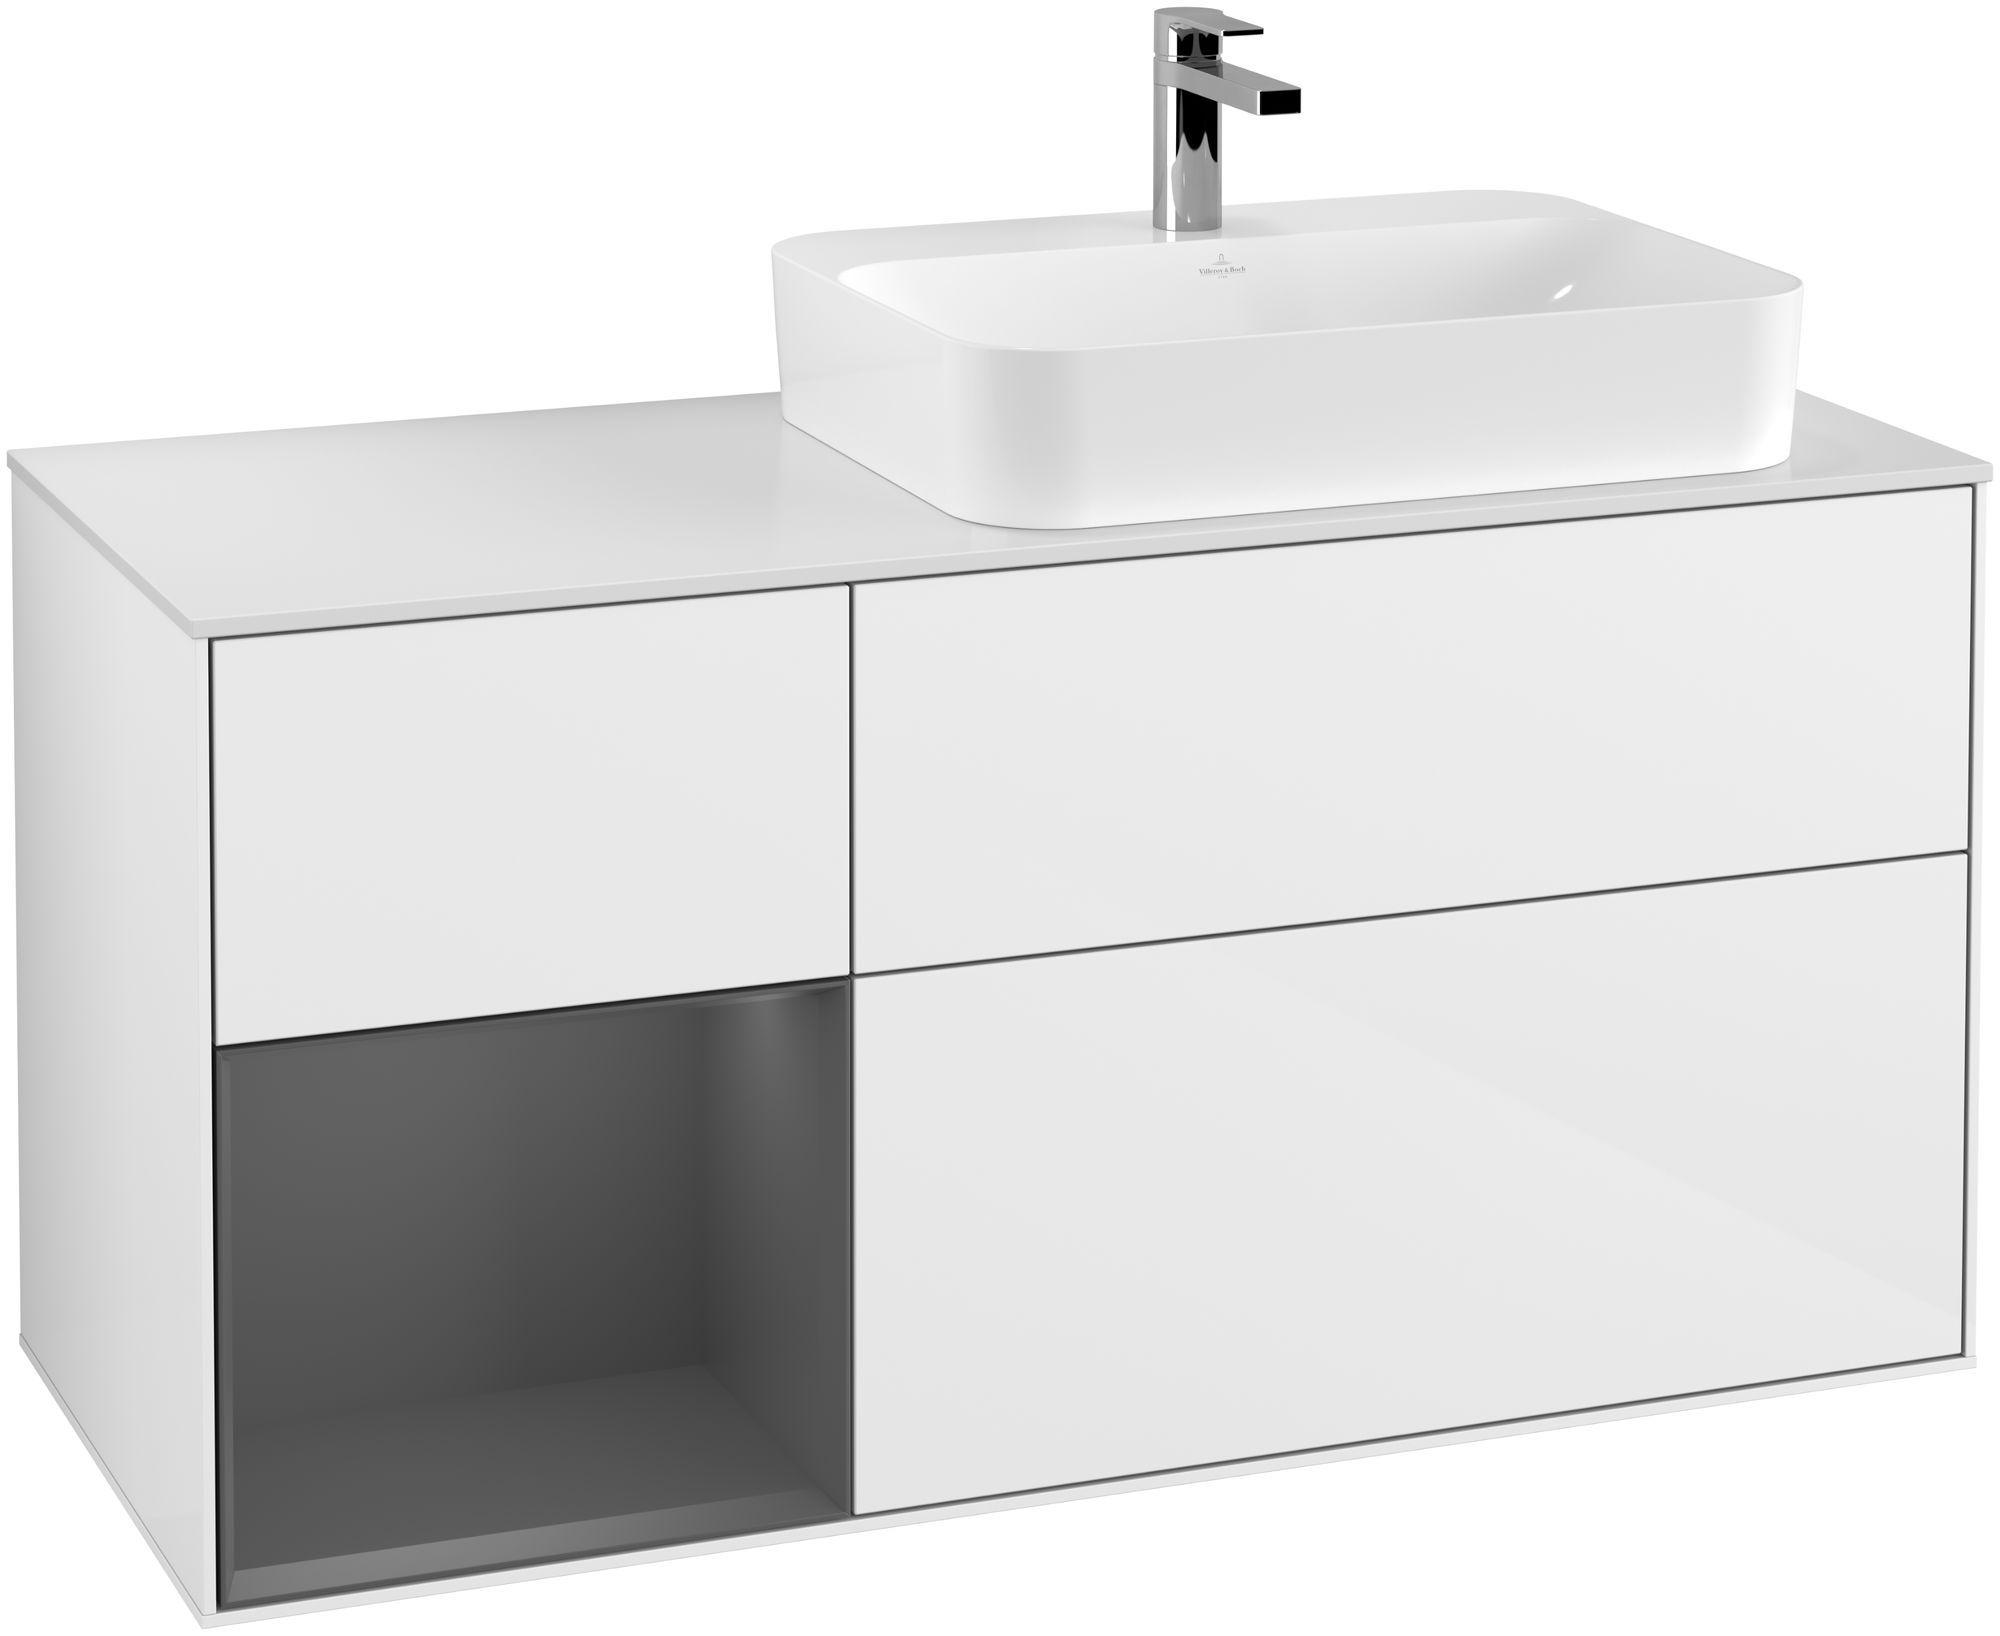 Villeroy & Boch Finion F39 Waschtischunterschrank mit Regalelement 3 Auszüge für WT rechts LED-Beleuchtung B:120xH:60,3xT:50,1cm Front, Korpus: Glossy White Lack, Regal: Anthracite Matt, Glasplatte: White Matt F391GKGF